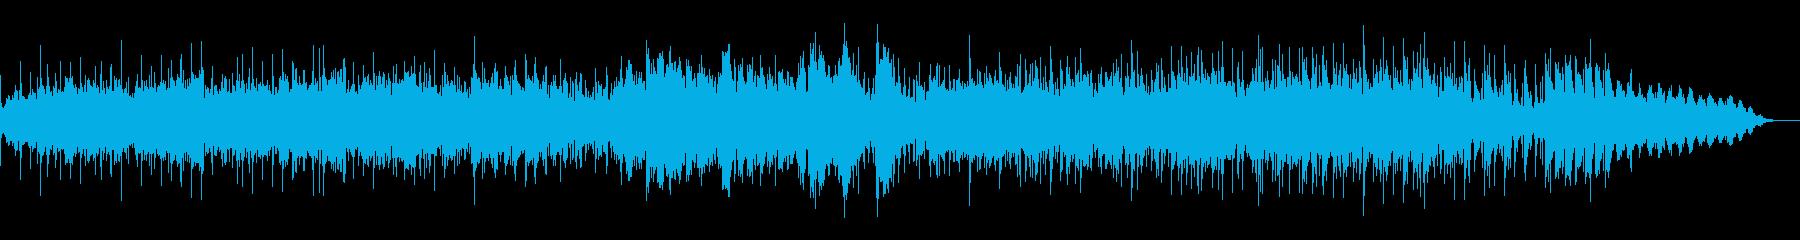 実験音楽的なアンビエントIDMの再生済みの波形